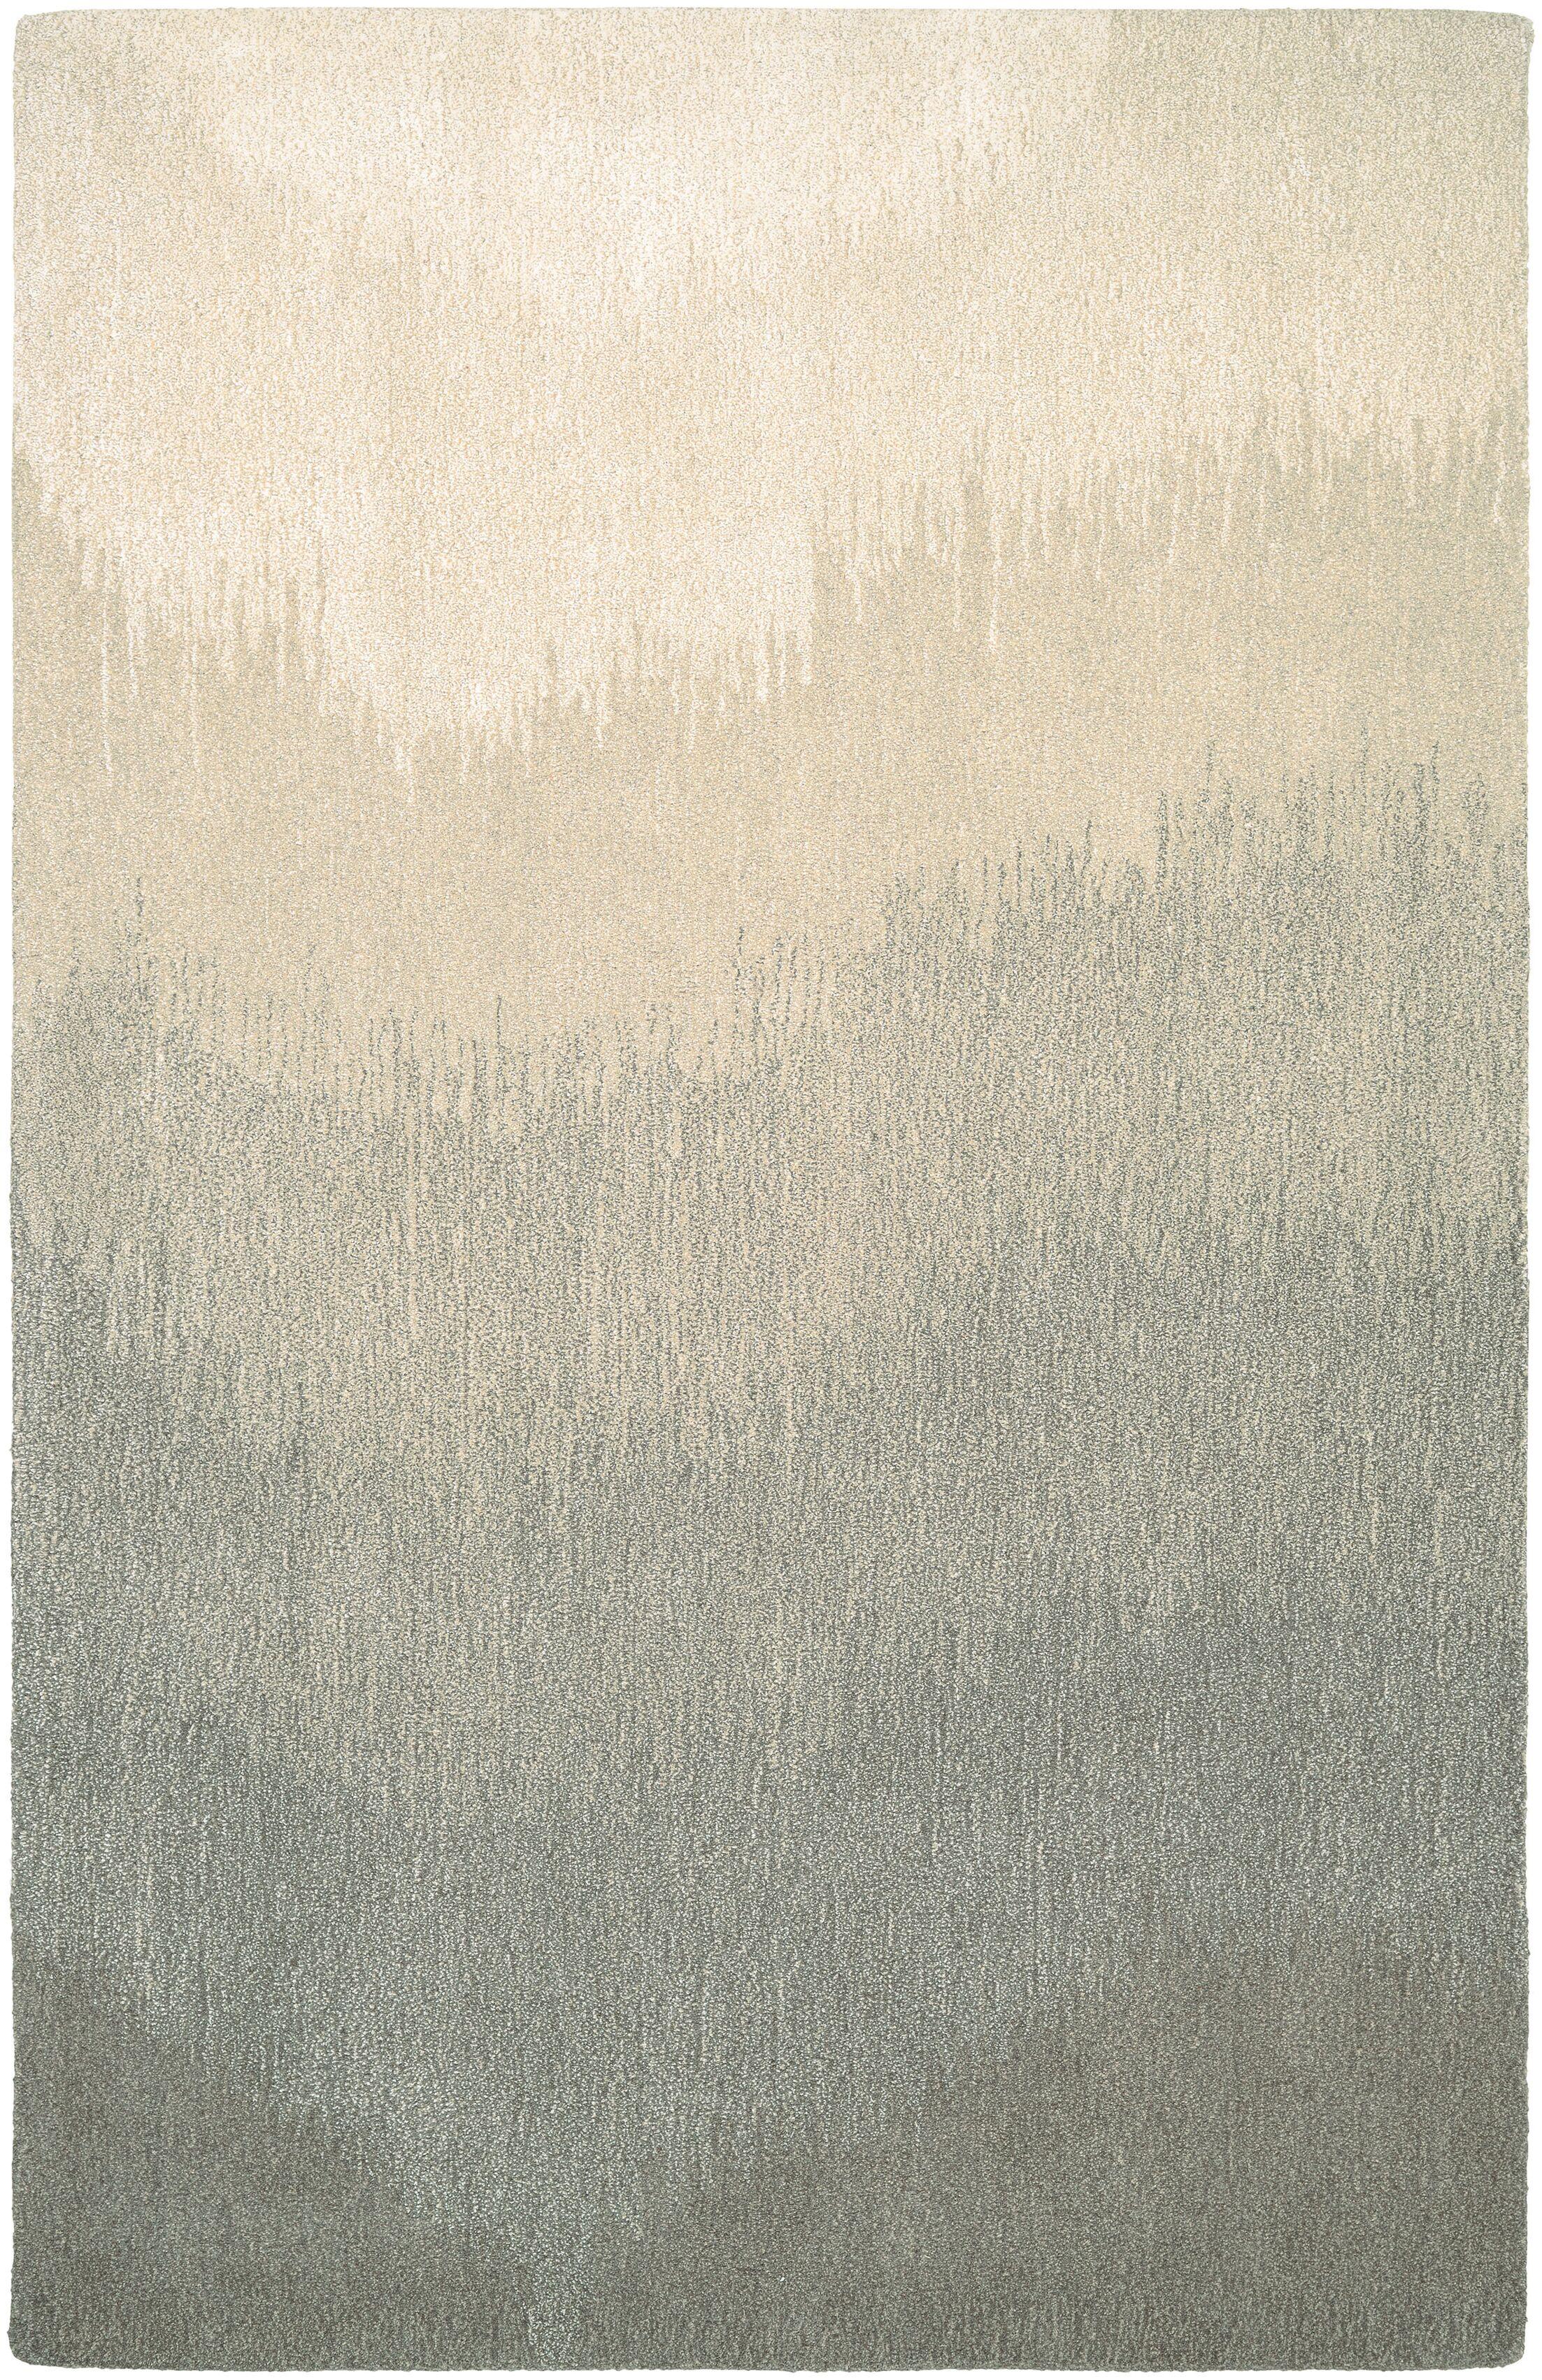 Leandre Hand-Woven Gray/Beige Area Rug Rug Size: Runner 2'2